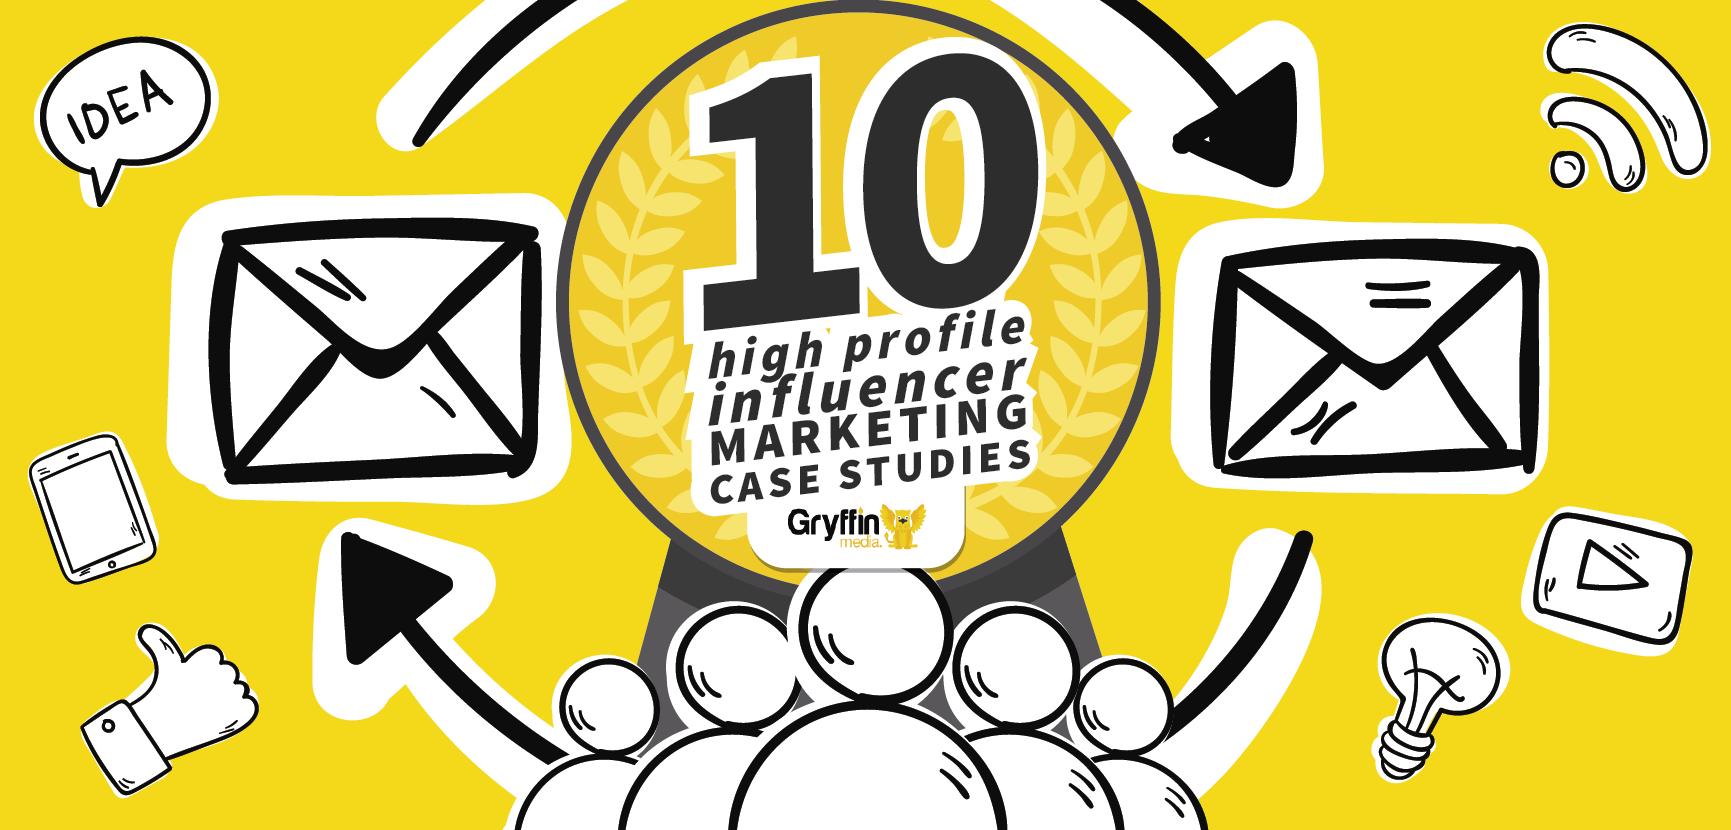 influencer marketing case studies